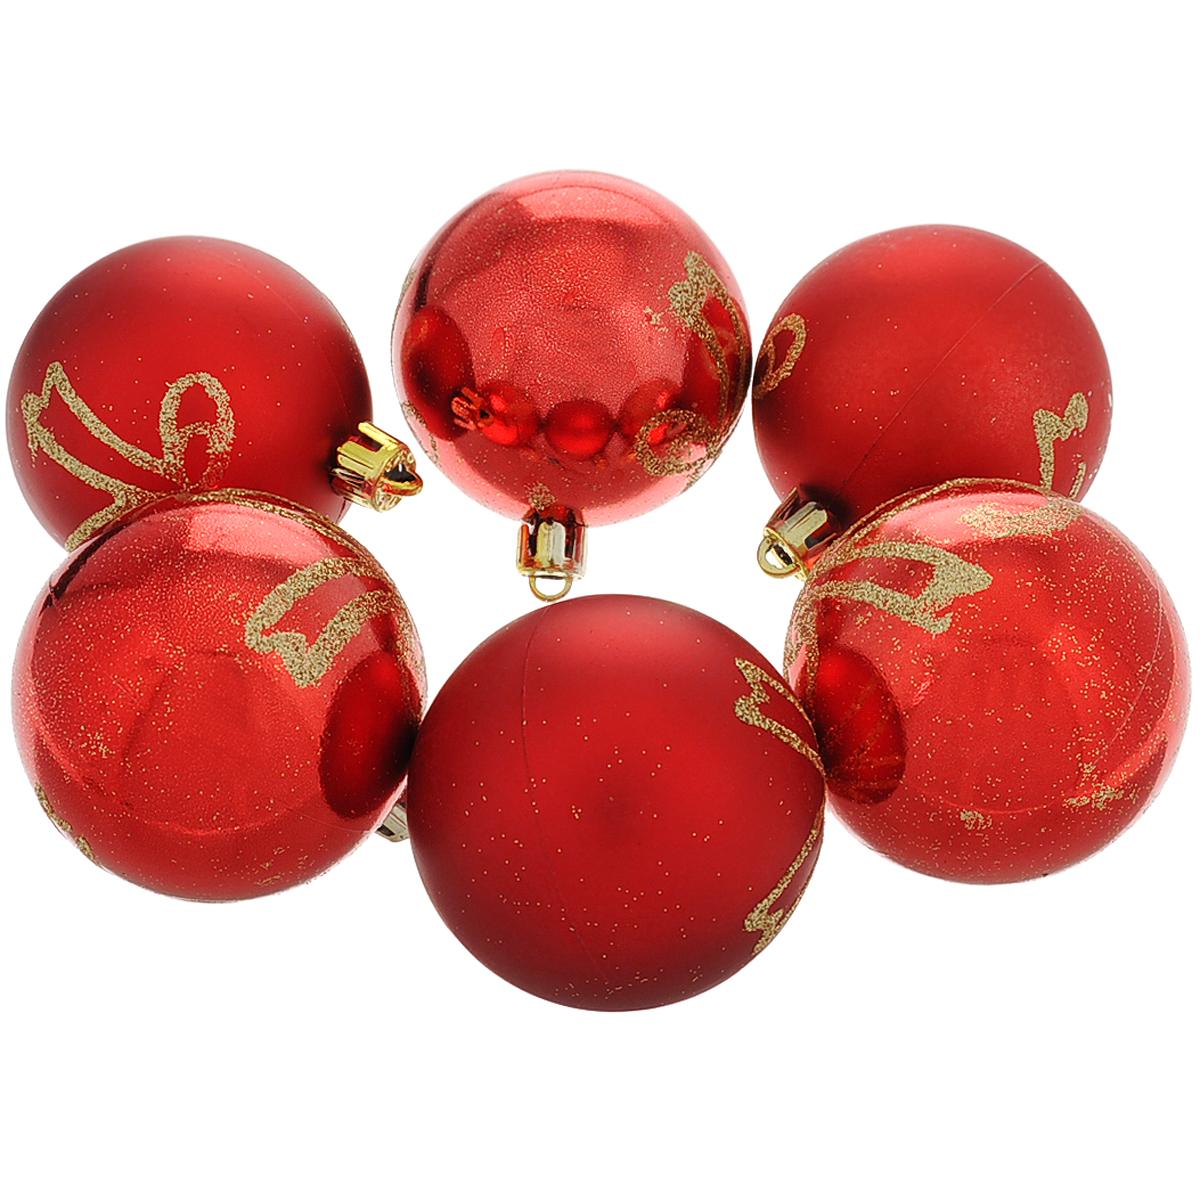 Набор новогодних подвесных украшений Шар, цвет: красный, золотистый, диаметр 6 см, 6 шт. 3551135511Набор новогодних подвесных украшений Шар прекрасно подойдет для праздничного декора новогодней ели. Состоит из шести шаров.Елочная игрушка - символ Нового года. Она несет в себе волшебство и красоту праздника. Создайте в своем доме атмосферу веселья и радости, украшая новогоднюю елку нарядными игрушками, которые будут из года в год накапливать теплоту воспоминаний. Коллекция декоративных украшений принесет в ваш дом ни с чем несравнимое ощущение волшебства! Откройте для себя удивительный мир сказок и грез. Почувствуйте волшебные минуты ожидания праздника, создайте новогоднее настроение вашим дорогим и близким.